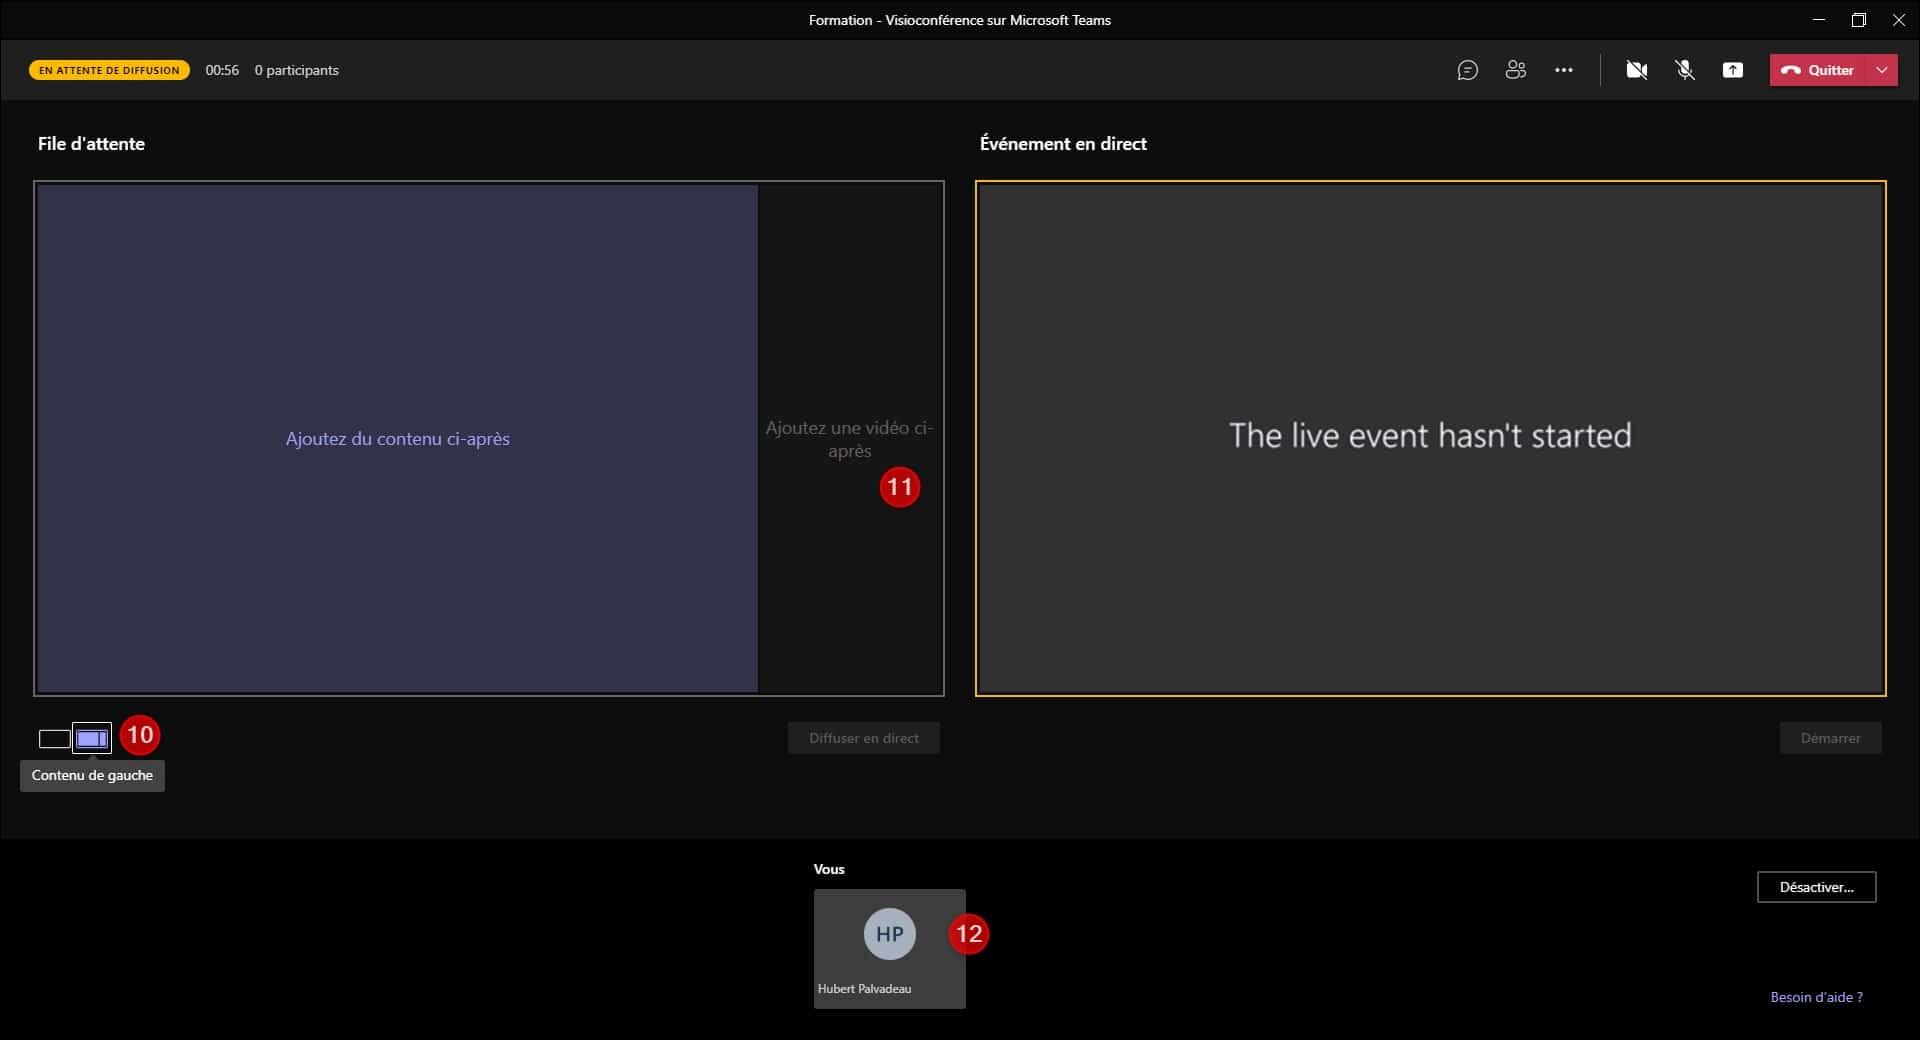 Paramétrage Écran - Votre Évènement en Direct - Formation avec Teams